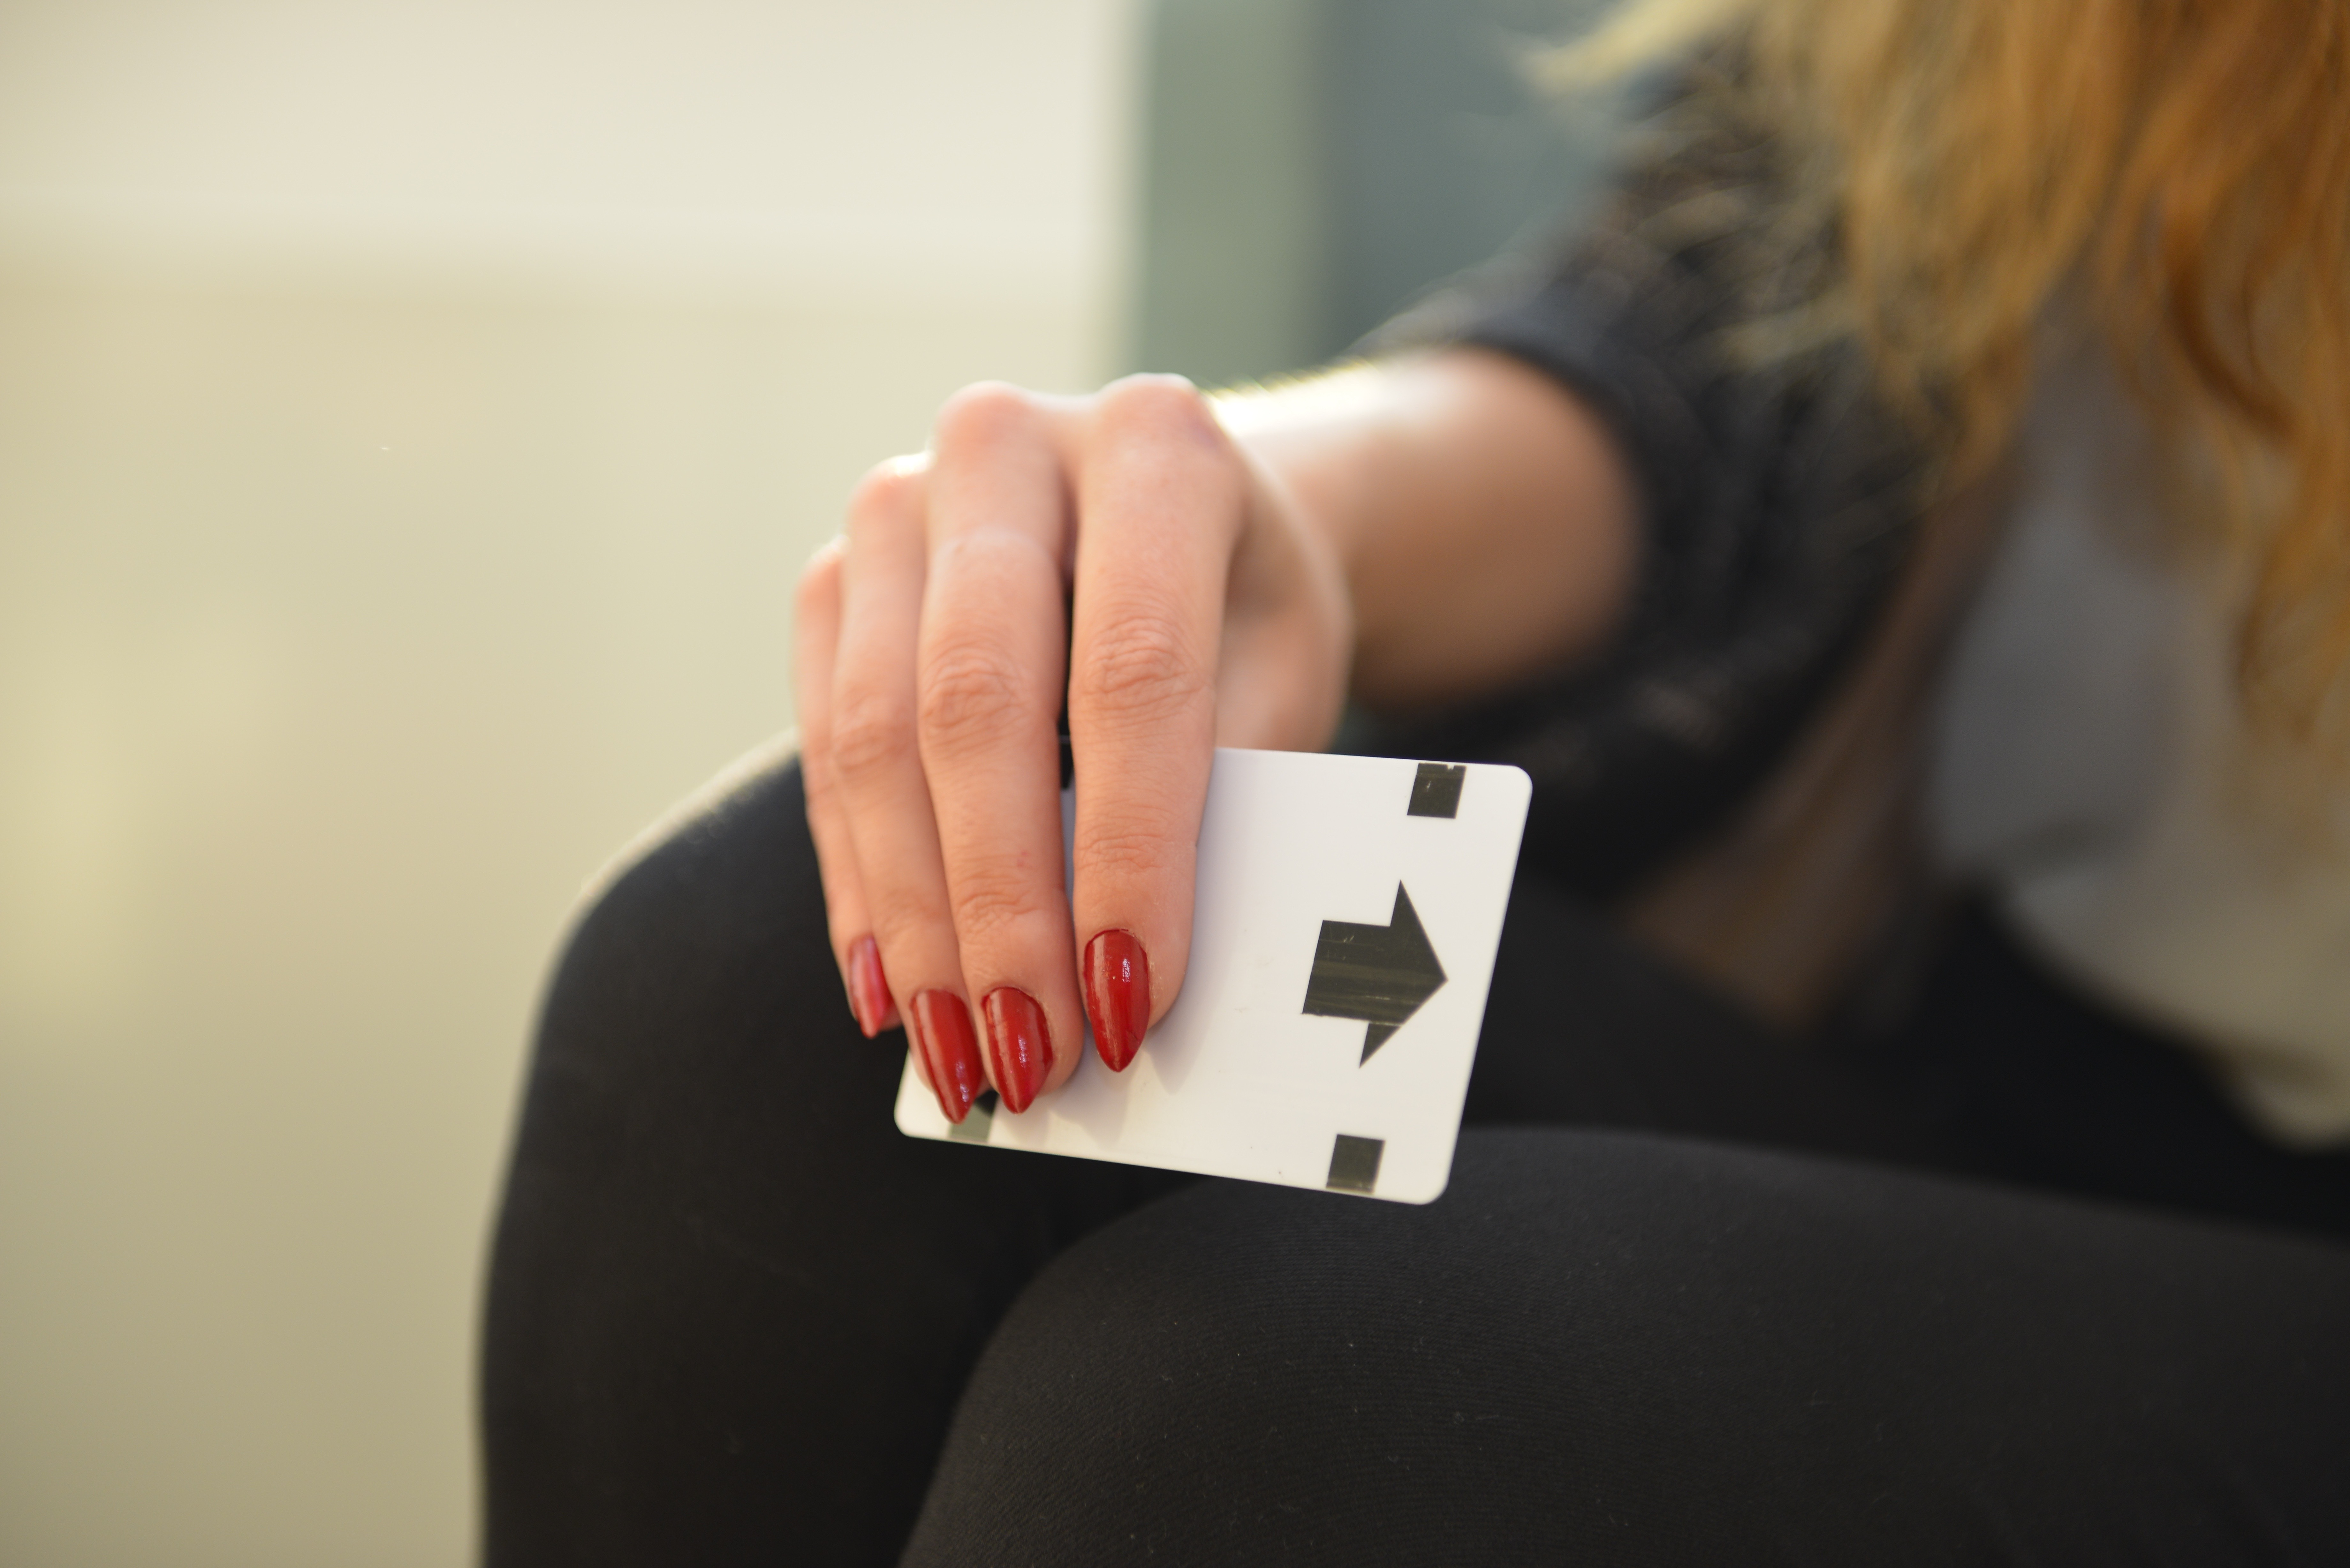 マンション、オフィスのカードキーを紛失したときの対処法と開け方